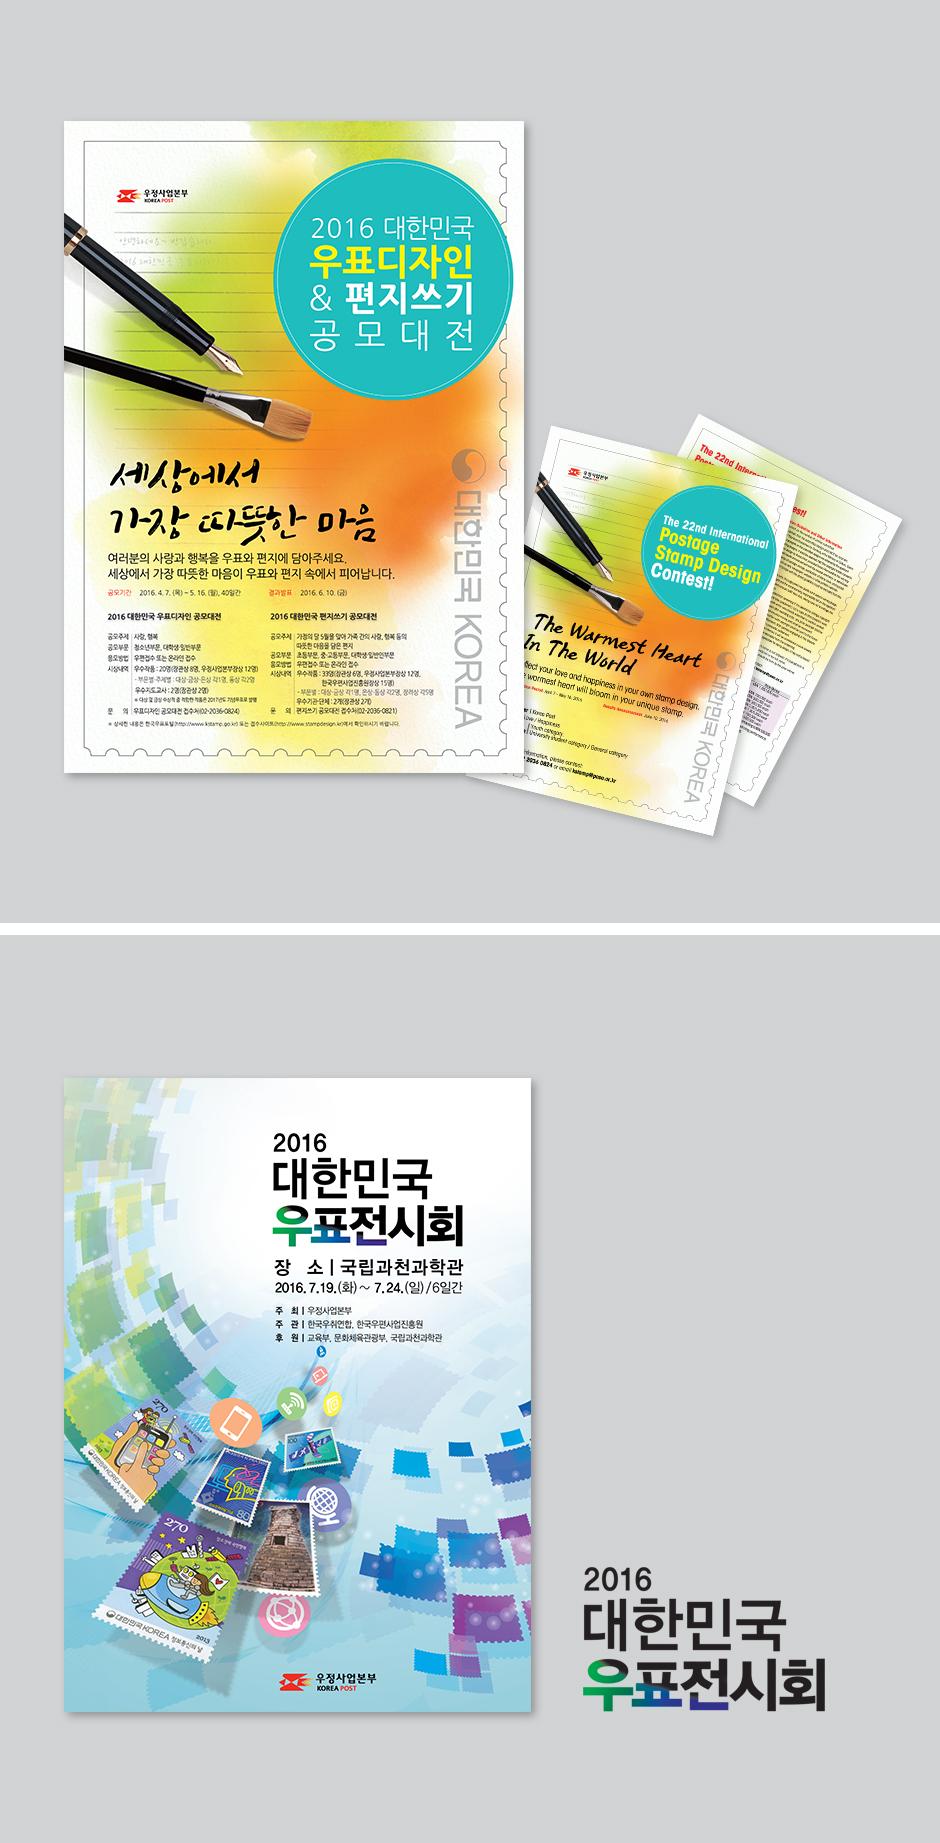 2016_한국우편사업진흥원_우표디자인&편지쓰기 공모전_포스터